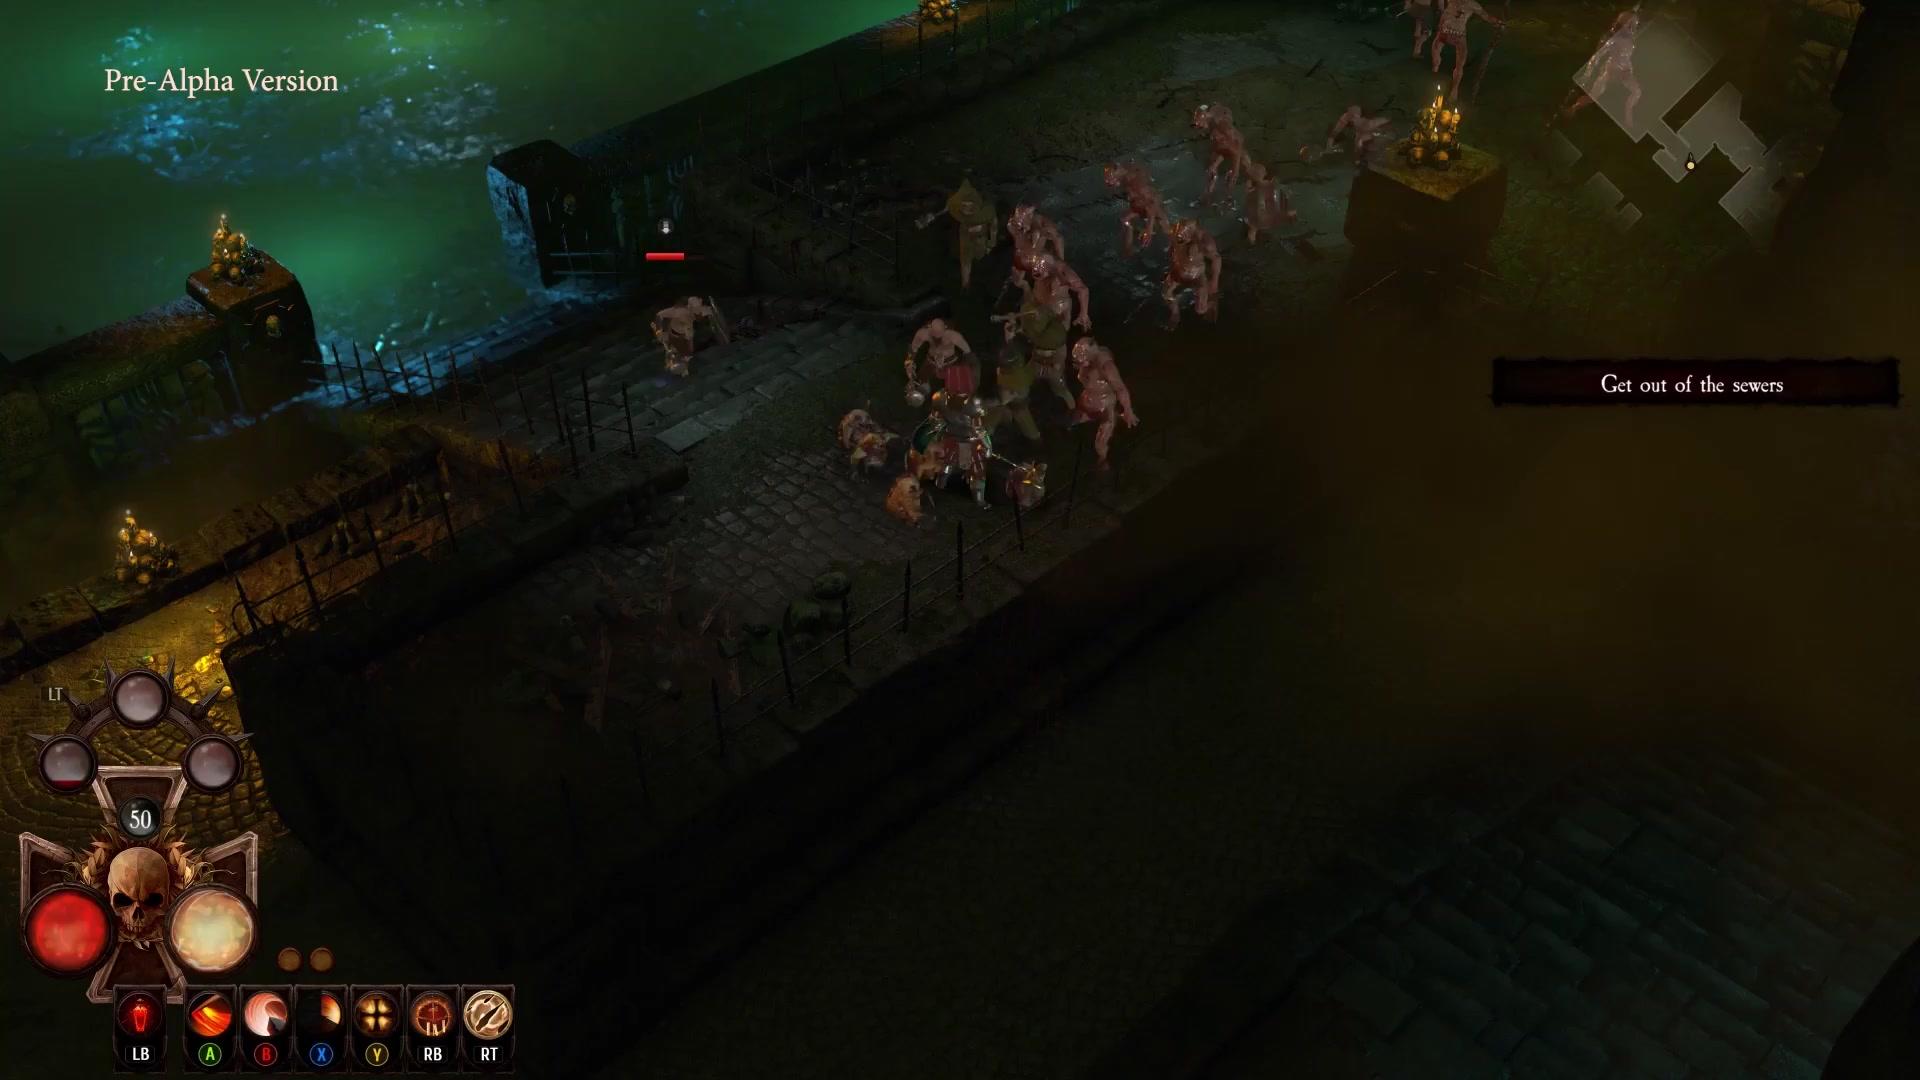 《战锤:混乱之刃》狂蹭热度 嘲讽《暗黑破坏神》手游